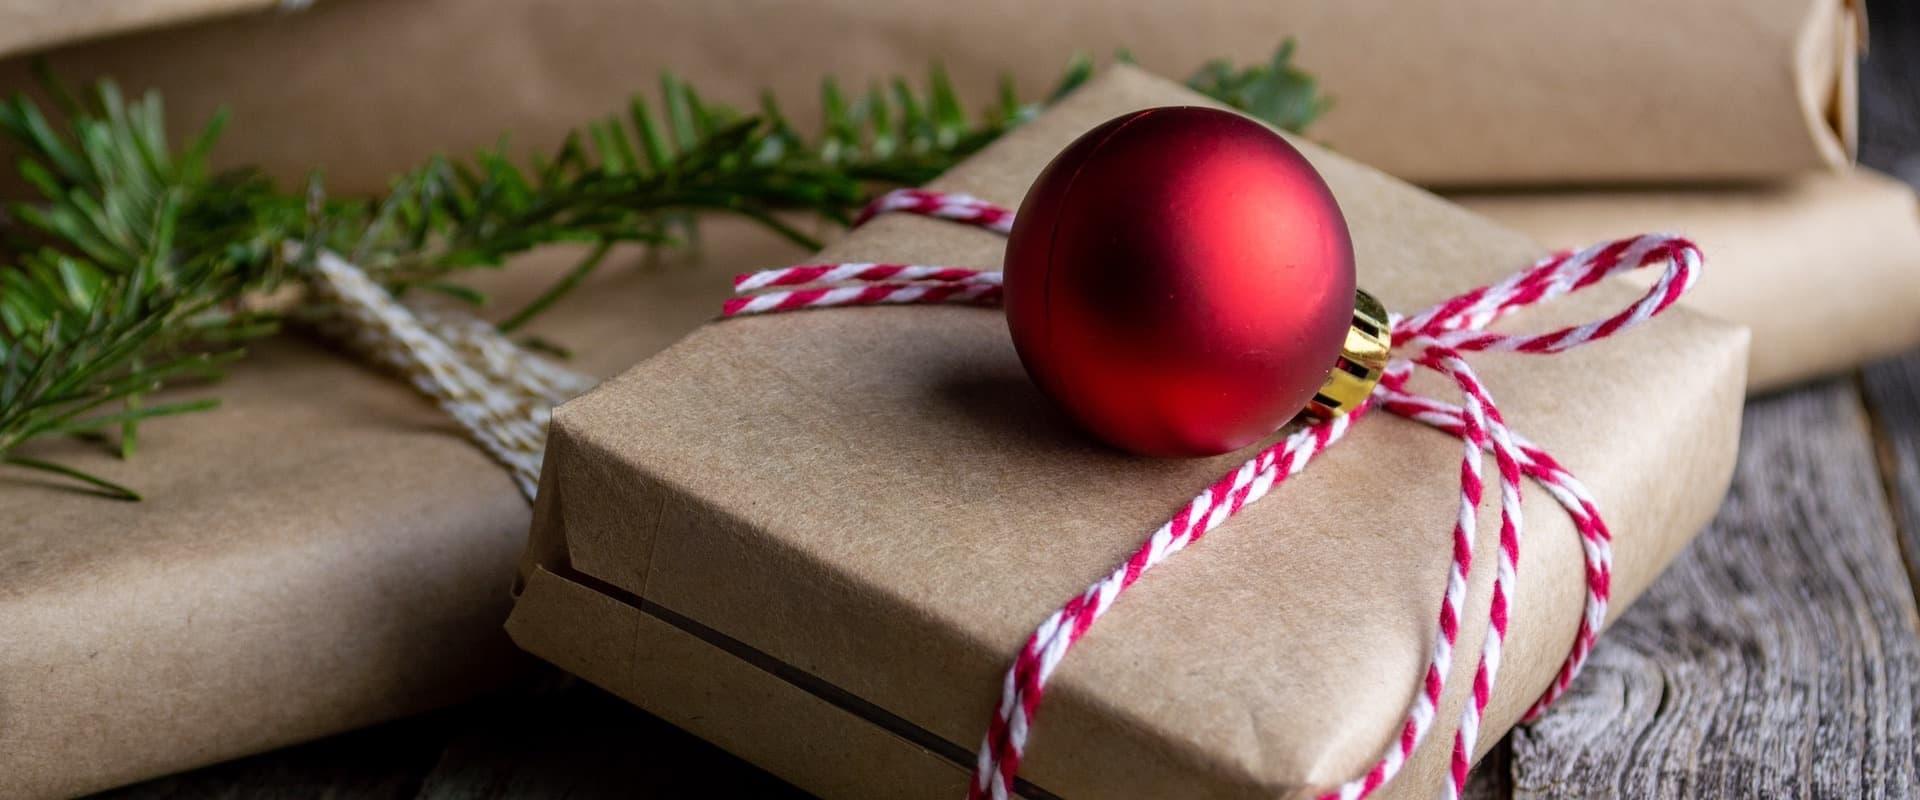 Weihnachtsgeschenke verpackt mit Geschenkpapier